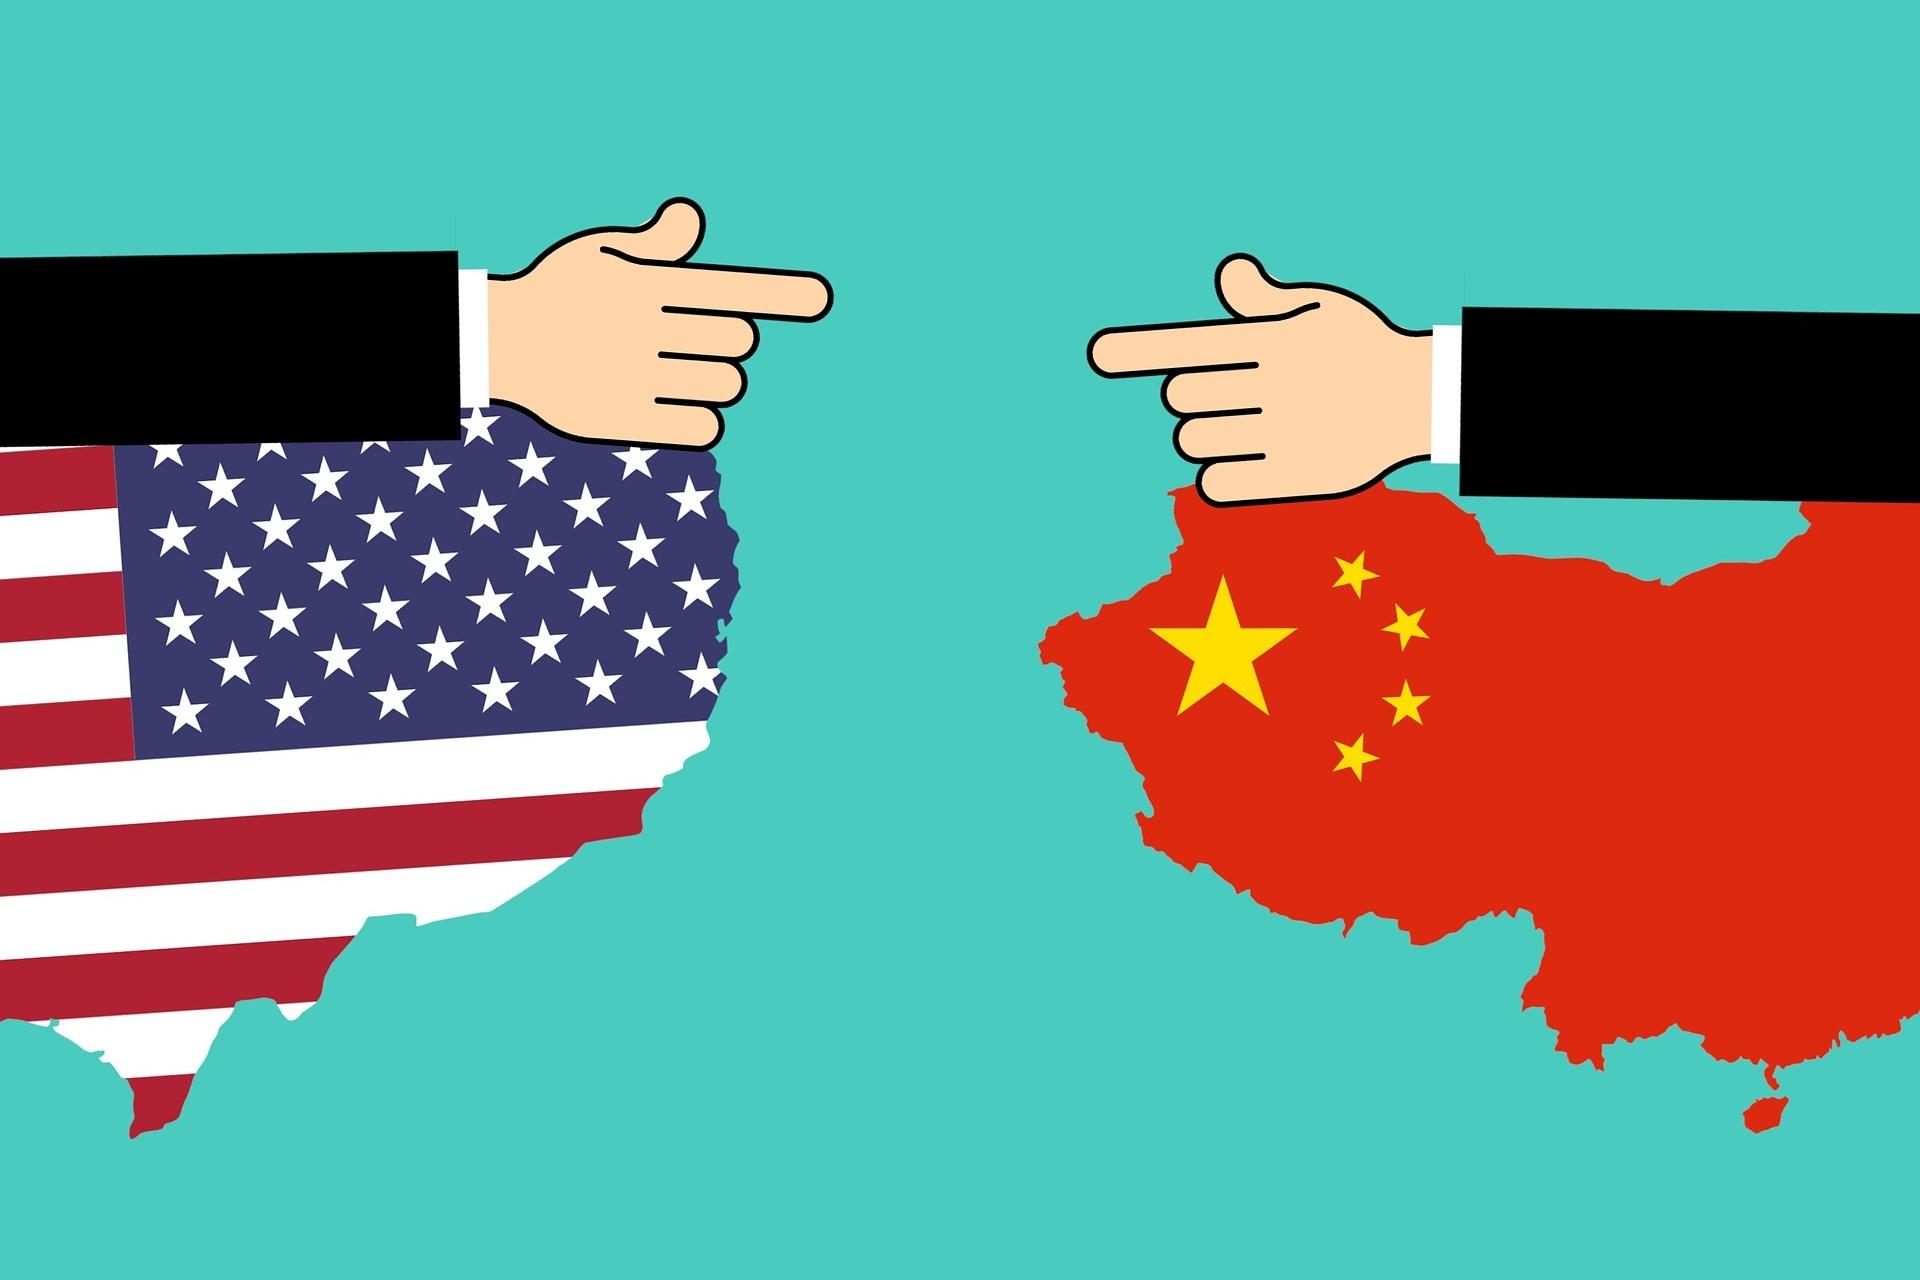 Velmocenskou rivalitu si svět nemůže dovolit, Západ musí s Čínou ...